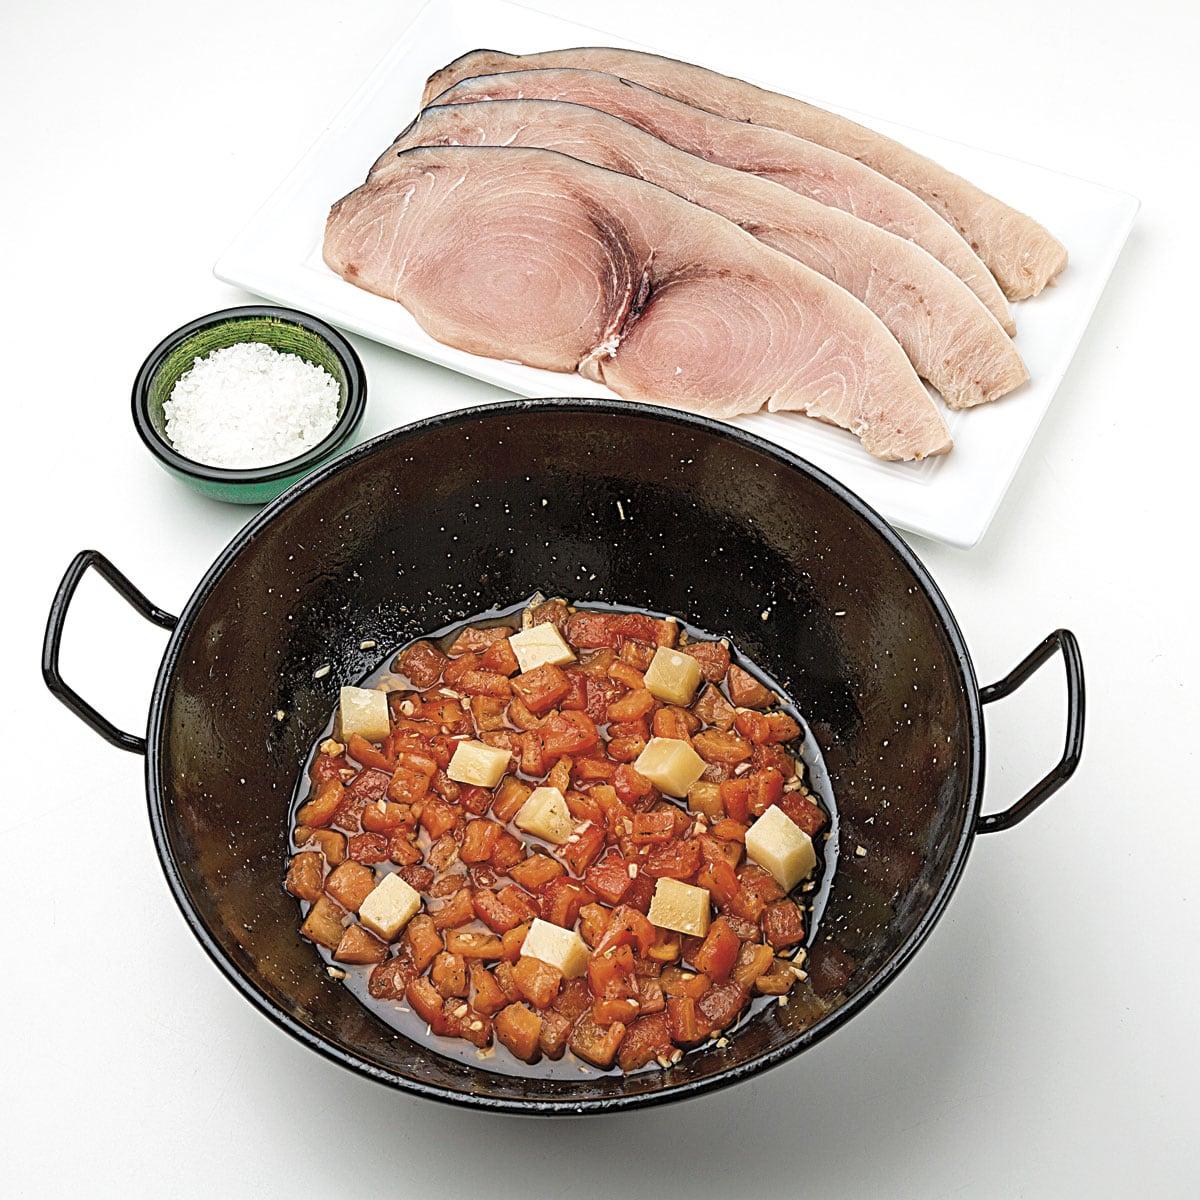 recetas ideas interesantes y trucos de cocina semana